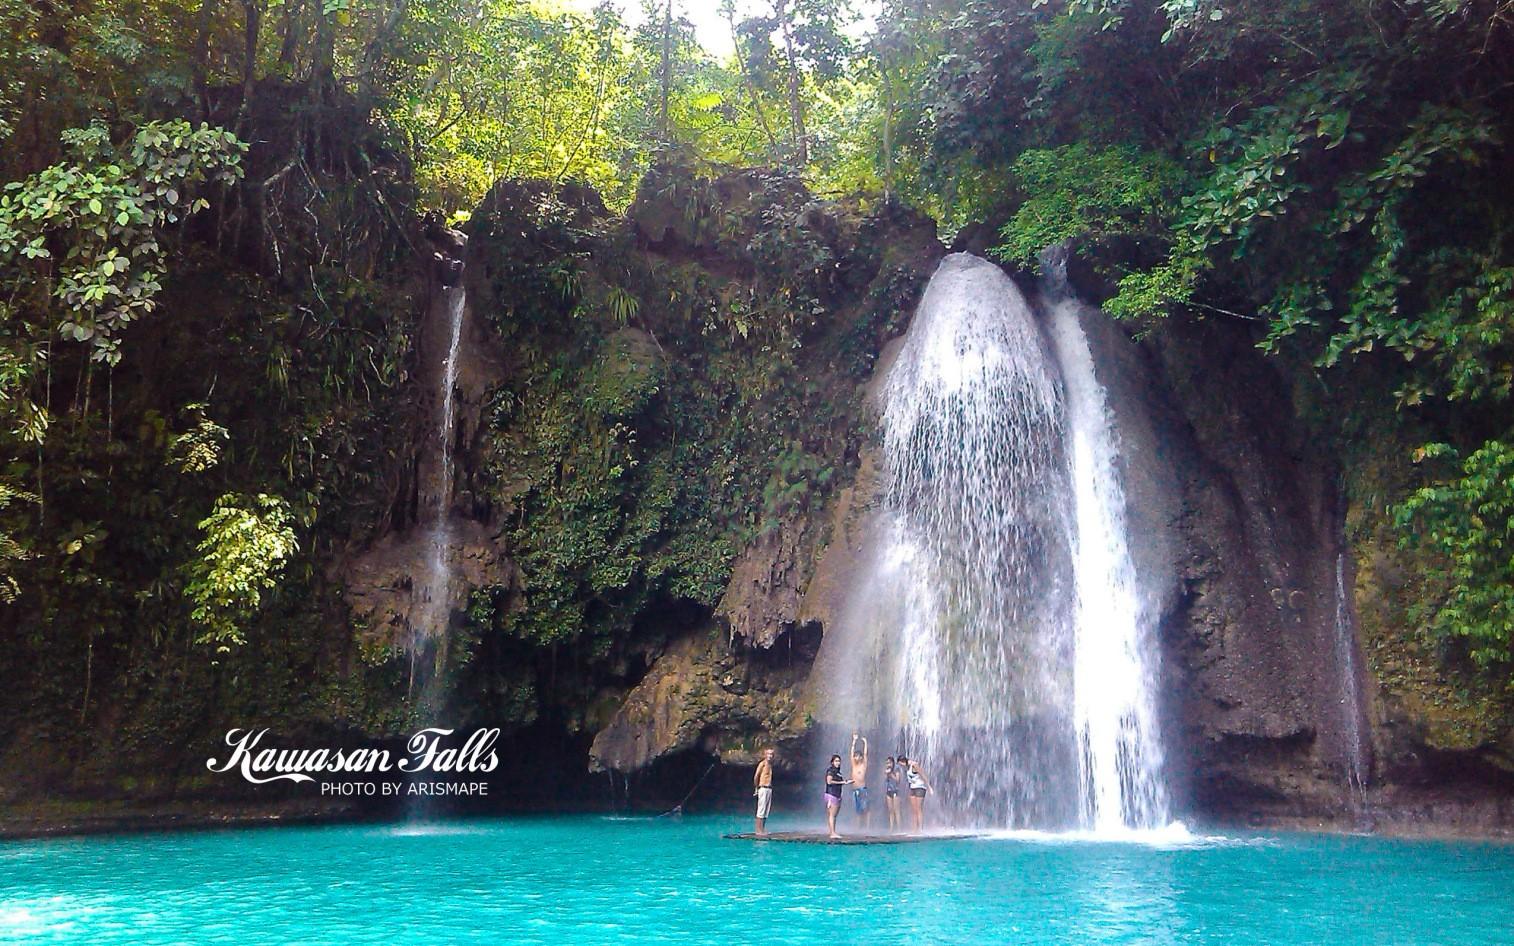 Kawasan Falls. Photo by Aris Mape